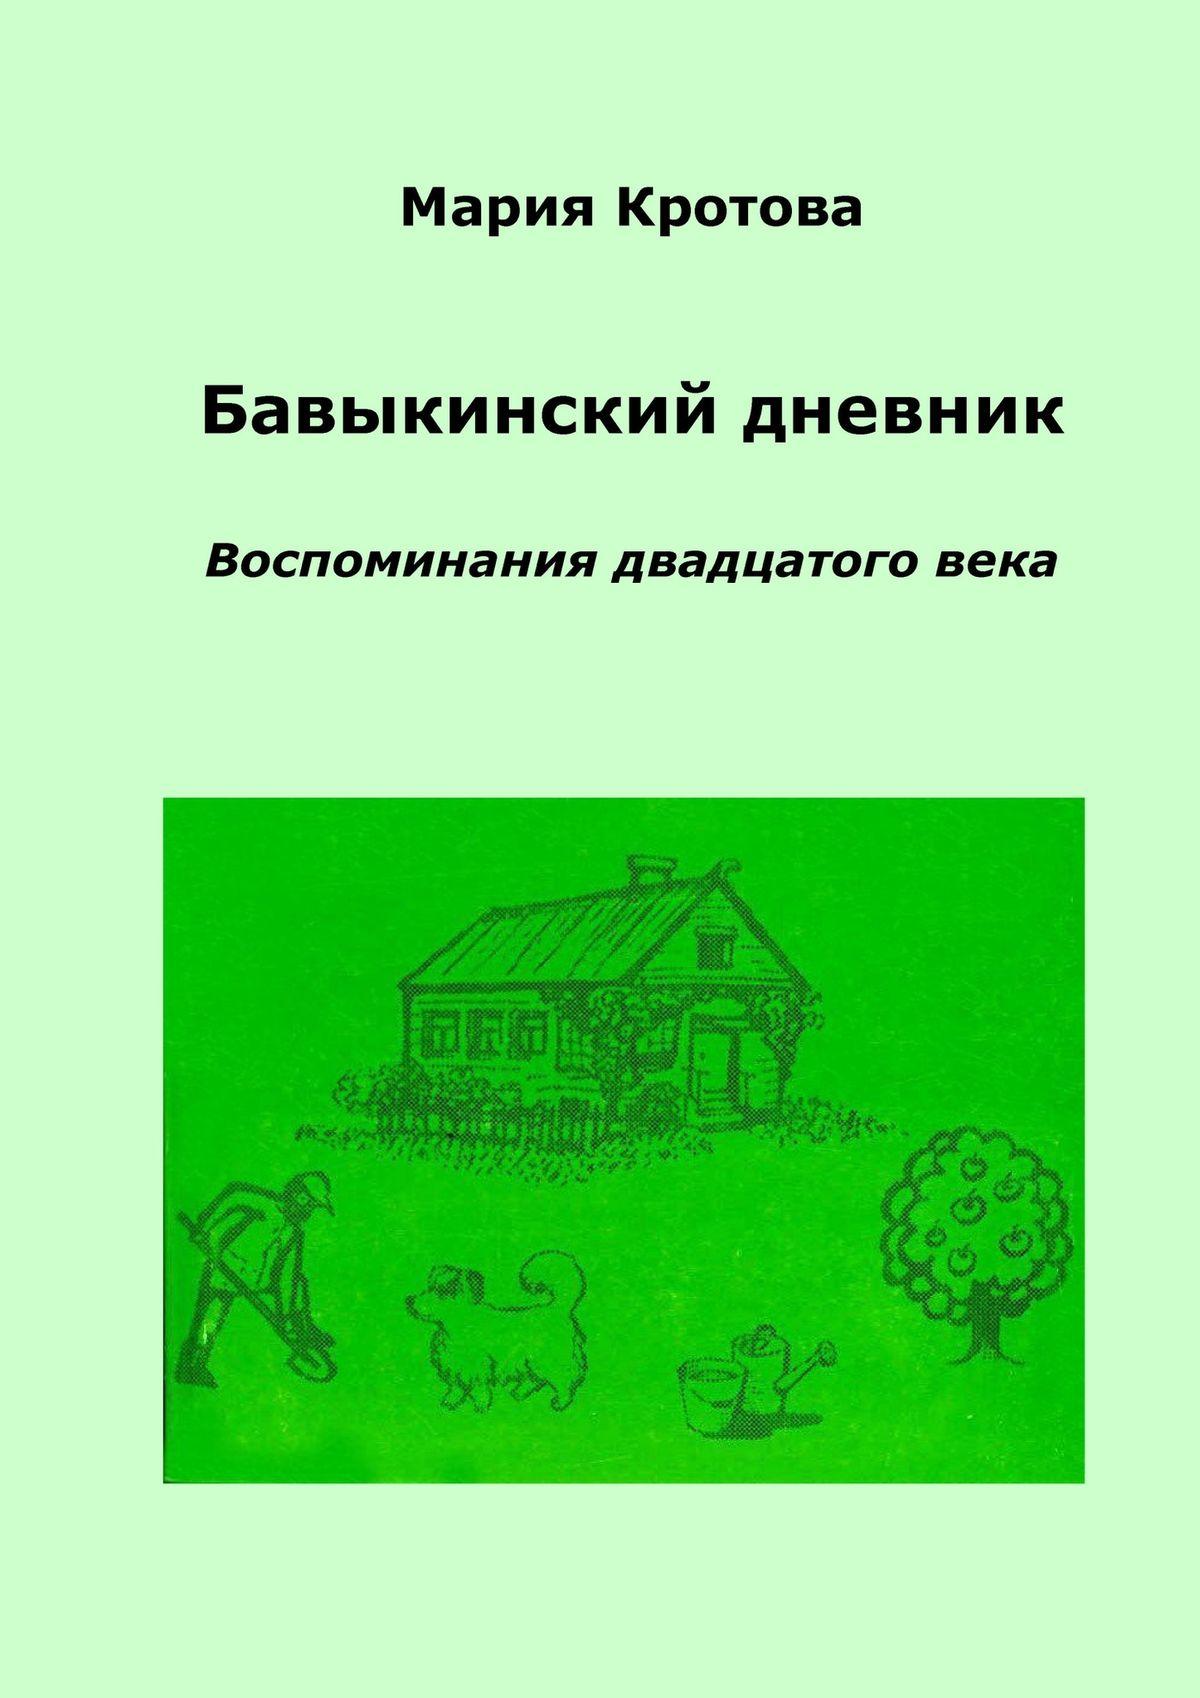 Бавыкинский дневник. Воспоминания двадцатого века